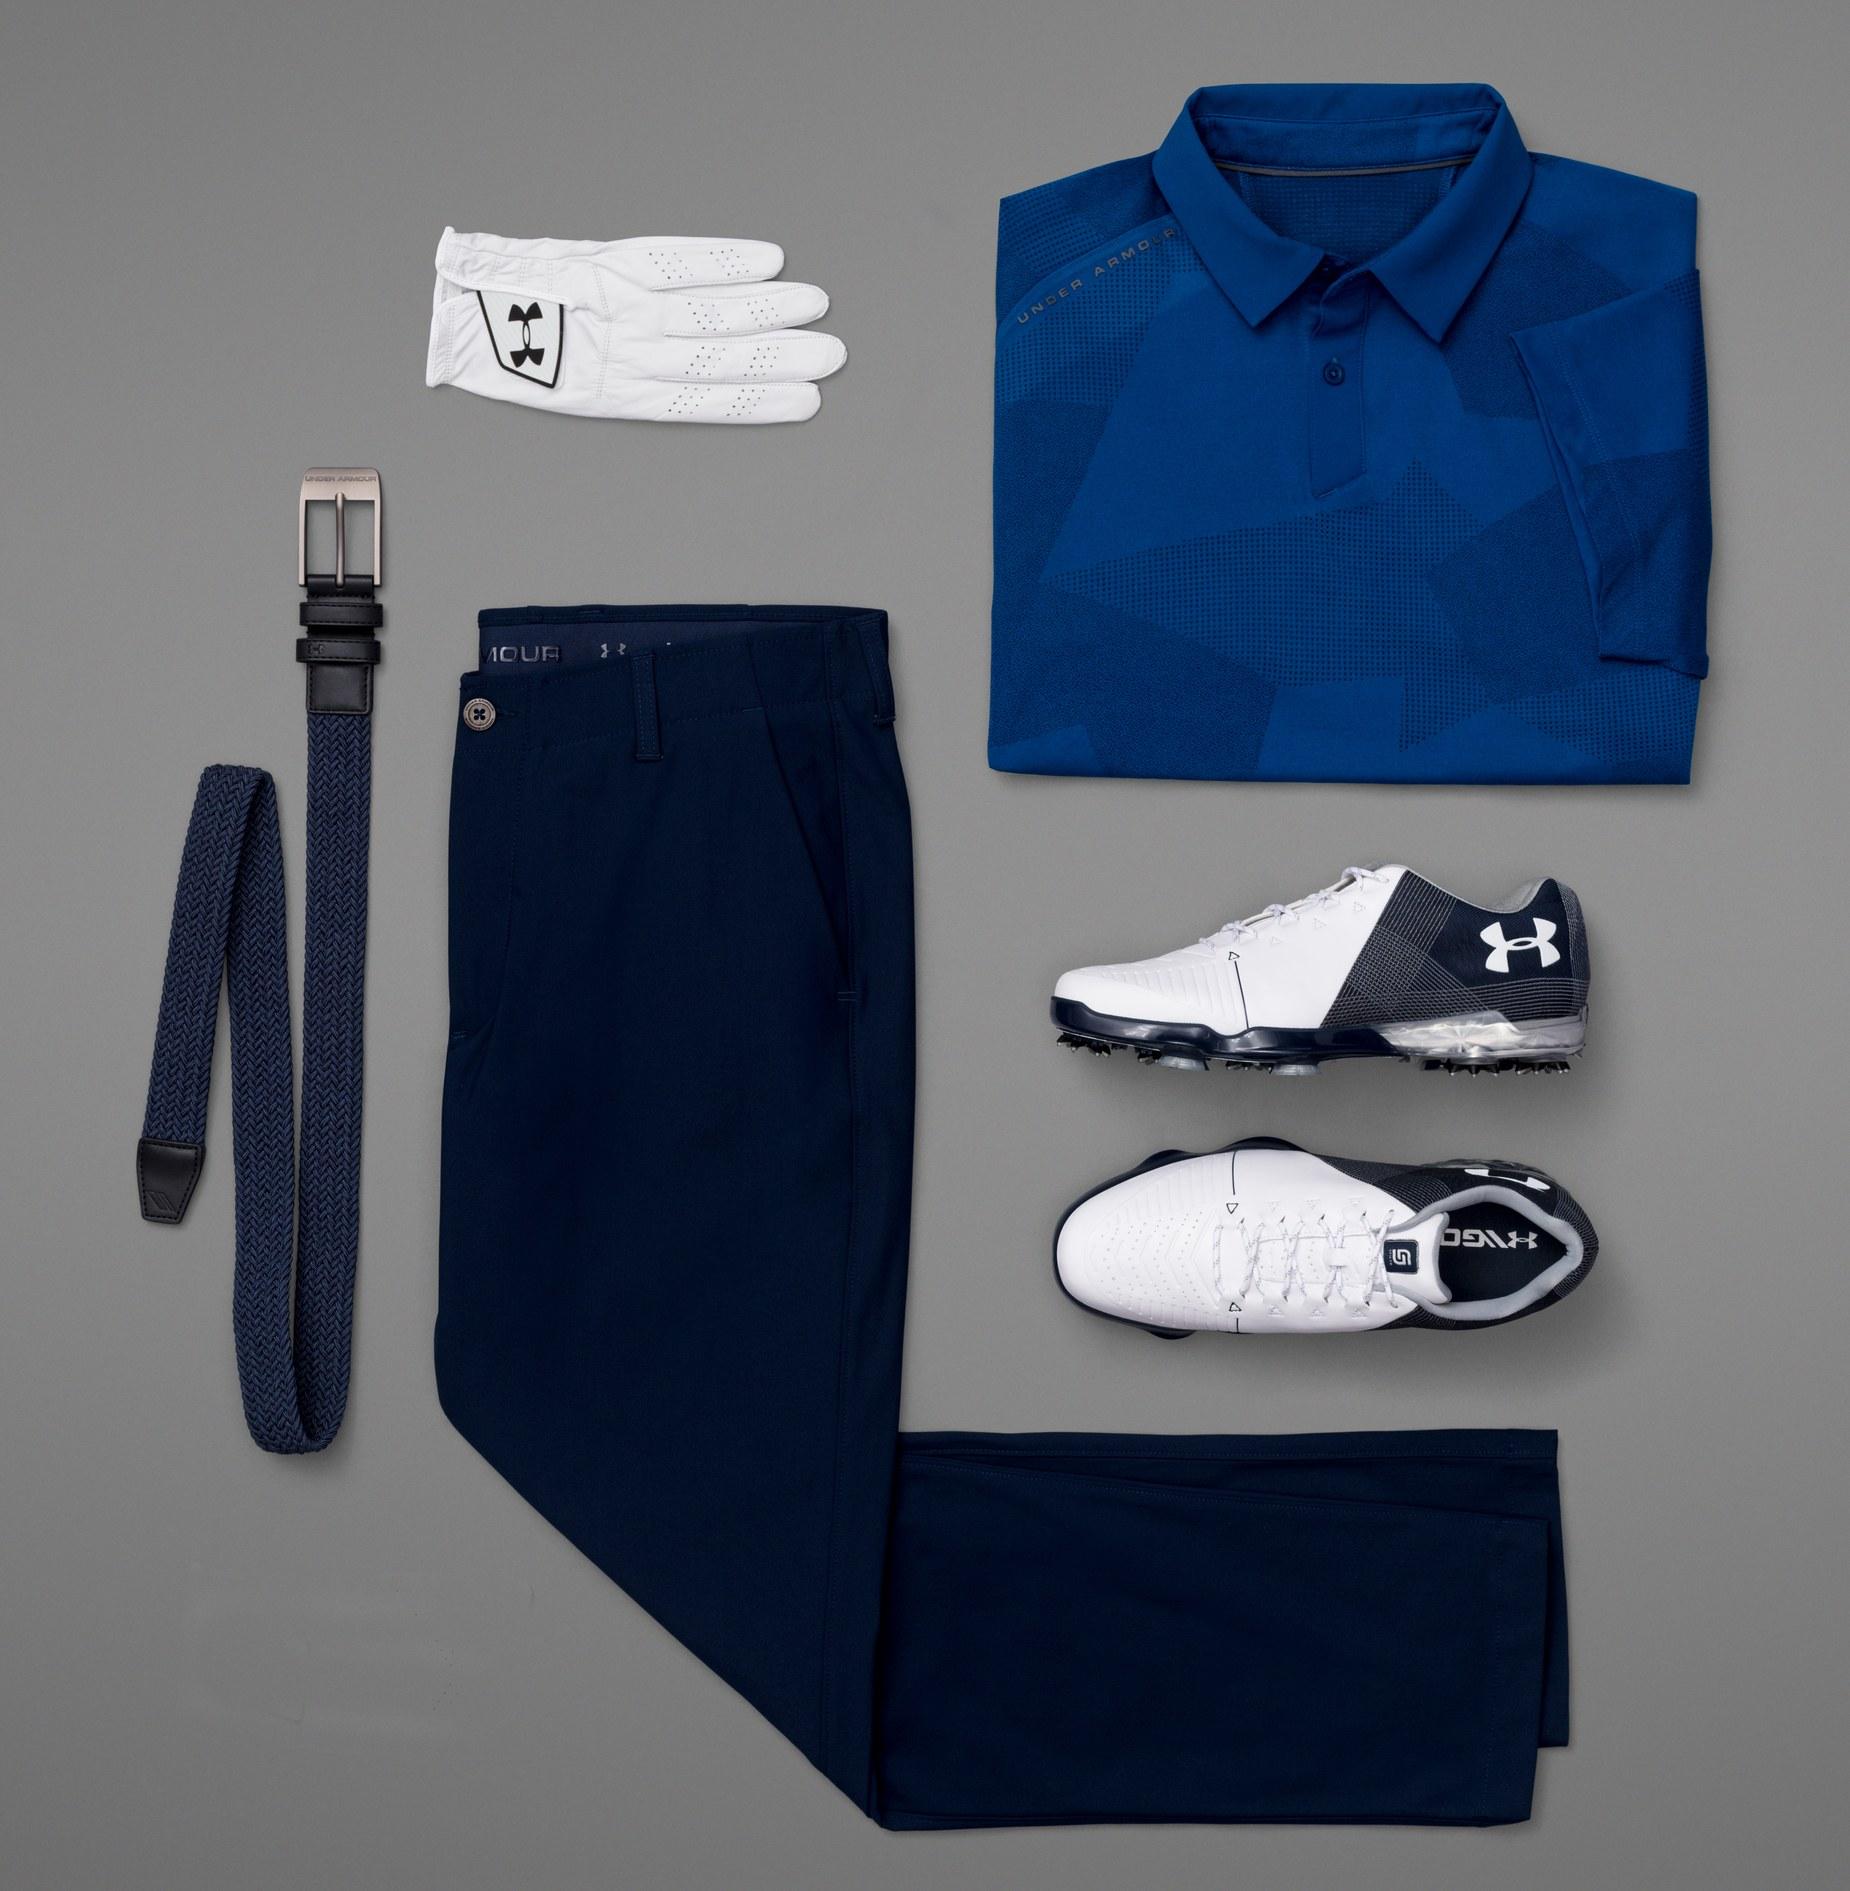 4b23642ec04d47 Under Armour Unveils Jordan s Masters Kit